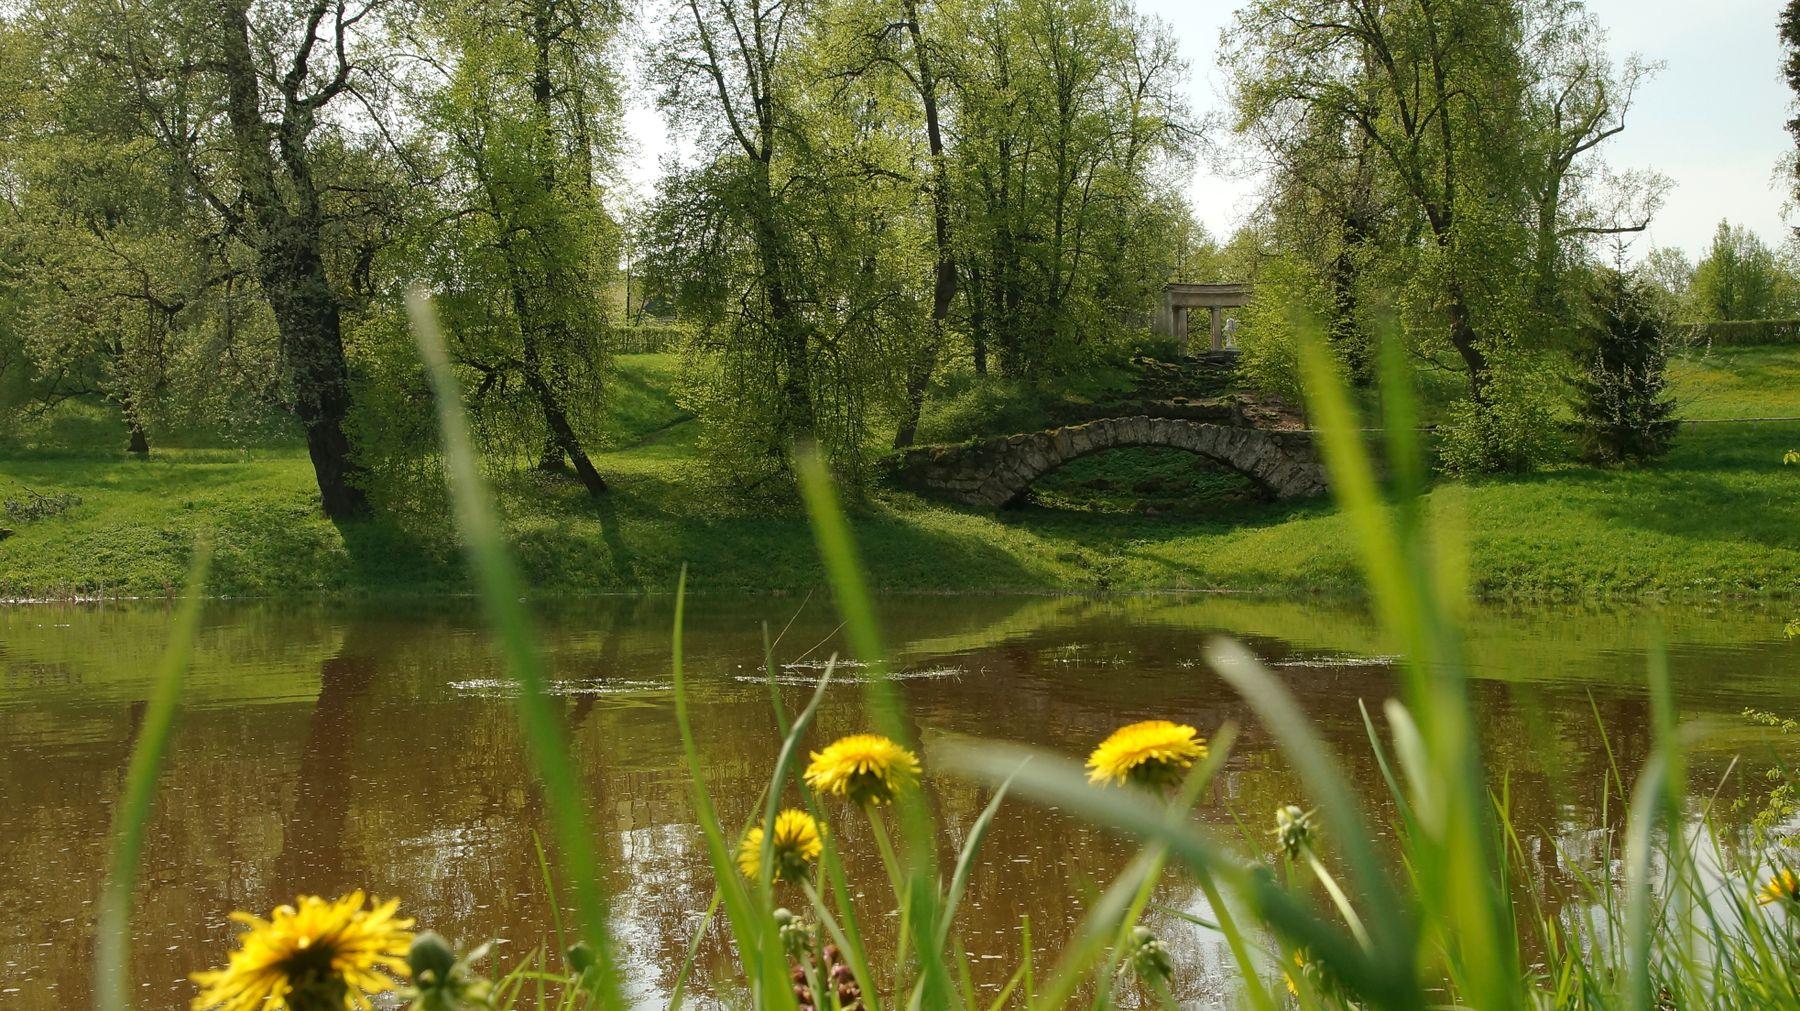 Пейзажи весеннего Павловска Павловский парк весна речка лес